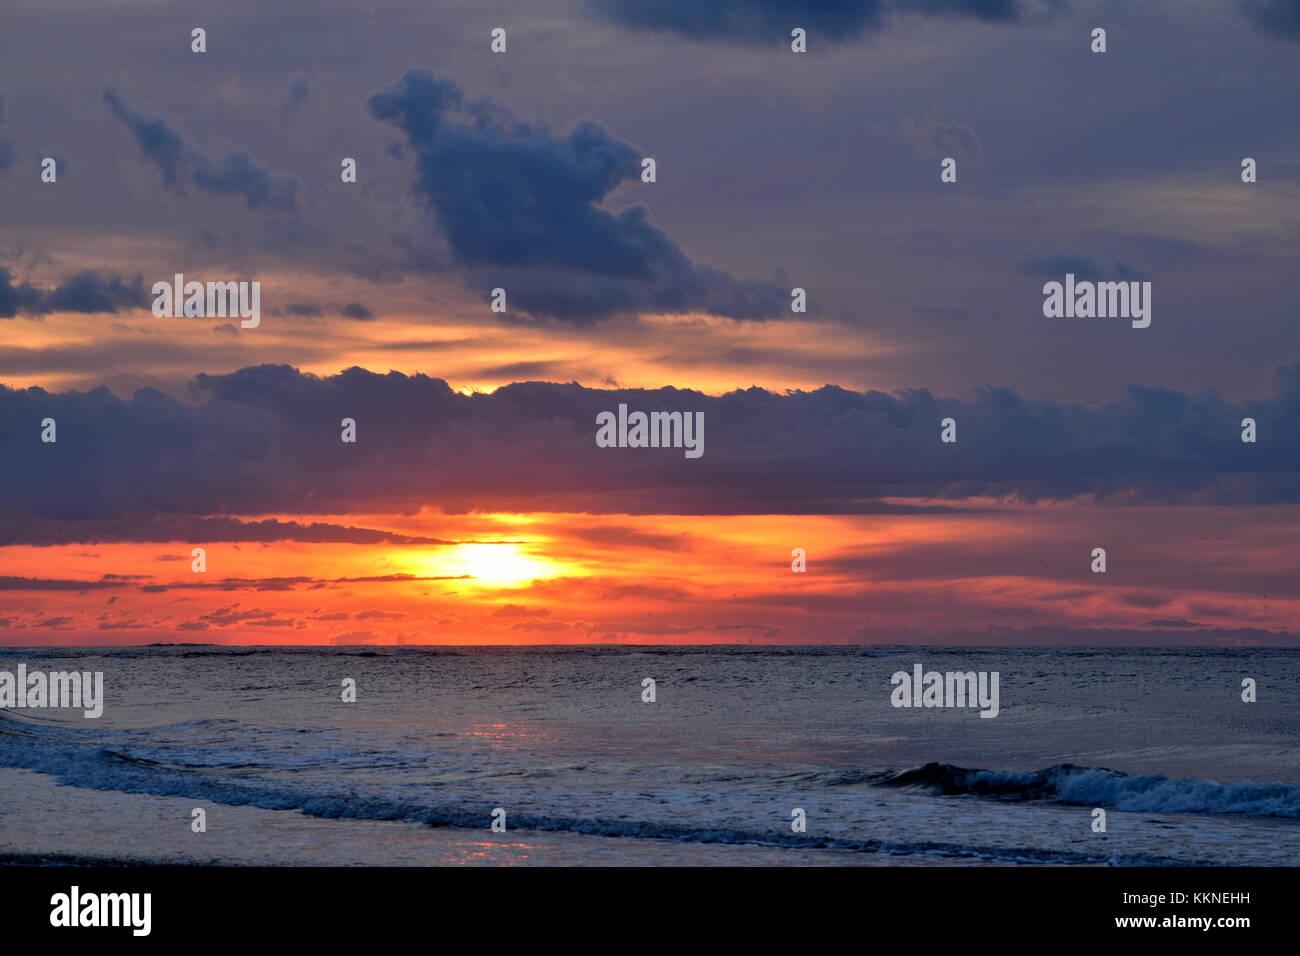 Crainte inspirant brillant lever du soleil sur l'océan. Photo Stock